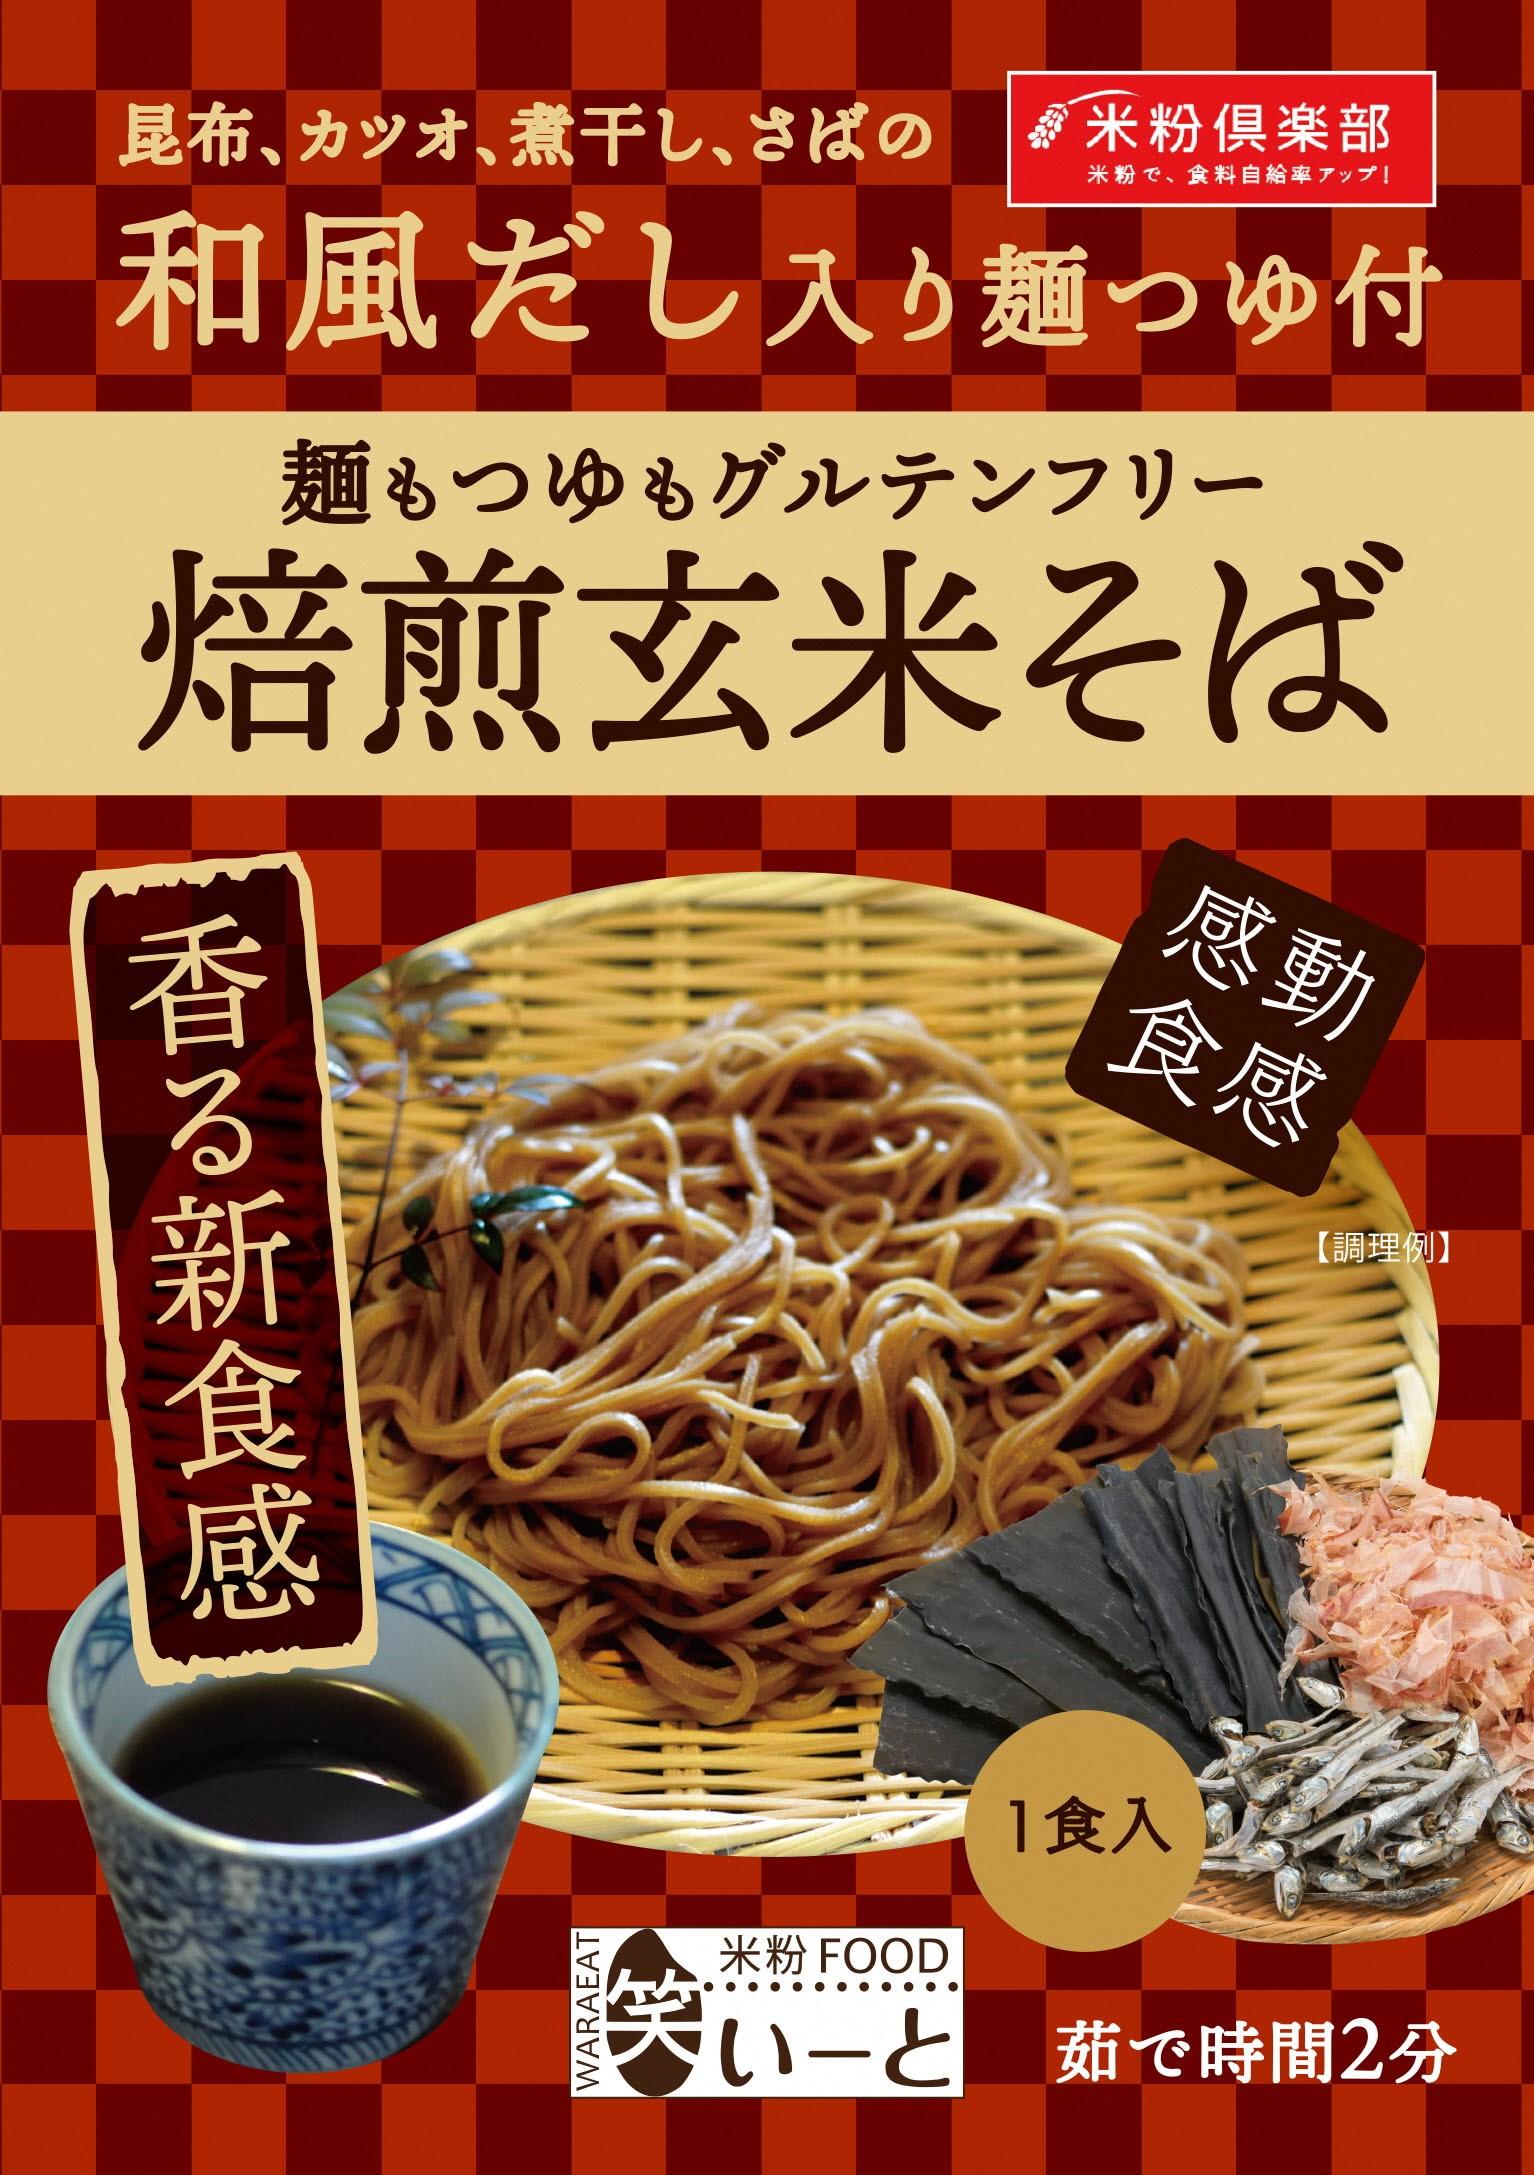 焙煎玄米そば(1食入り)